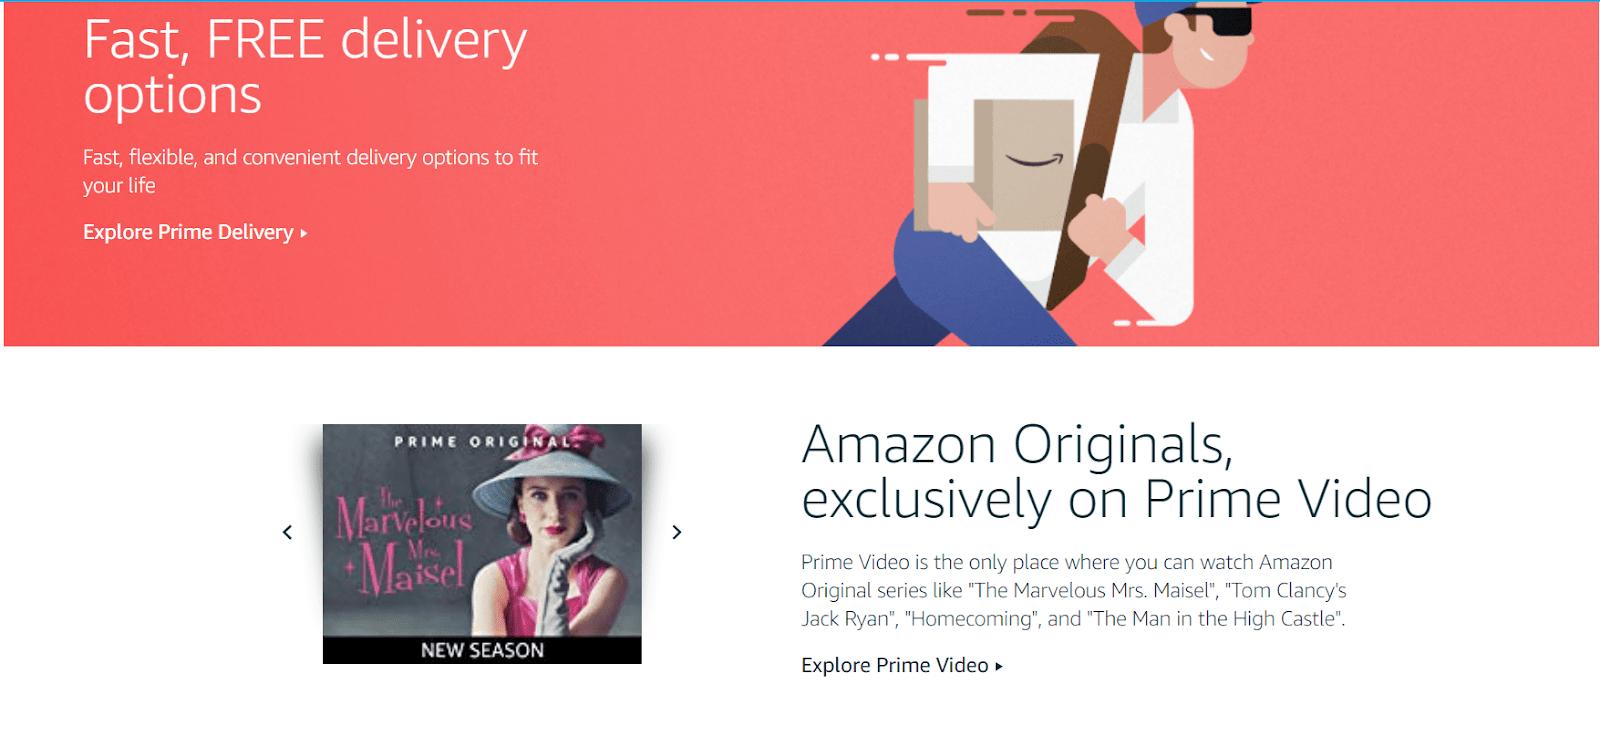 Amazon Prime включает подписку на сериалы от студии Amazon. Это, конечно, не HBO или Netflix, но и у них есть немало хороших проектов